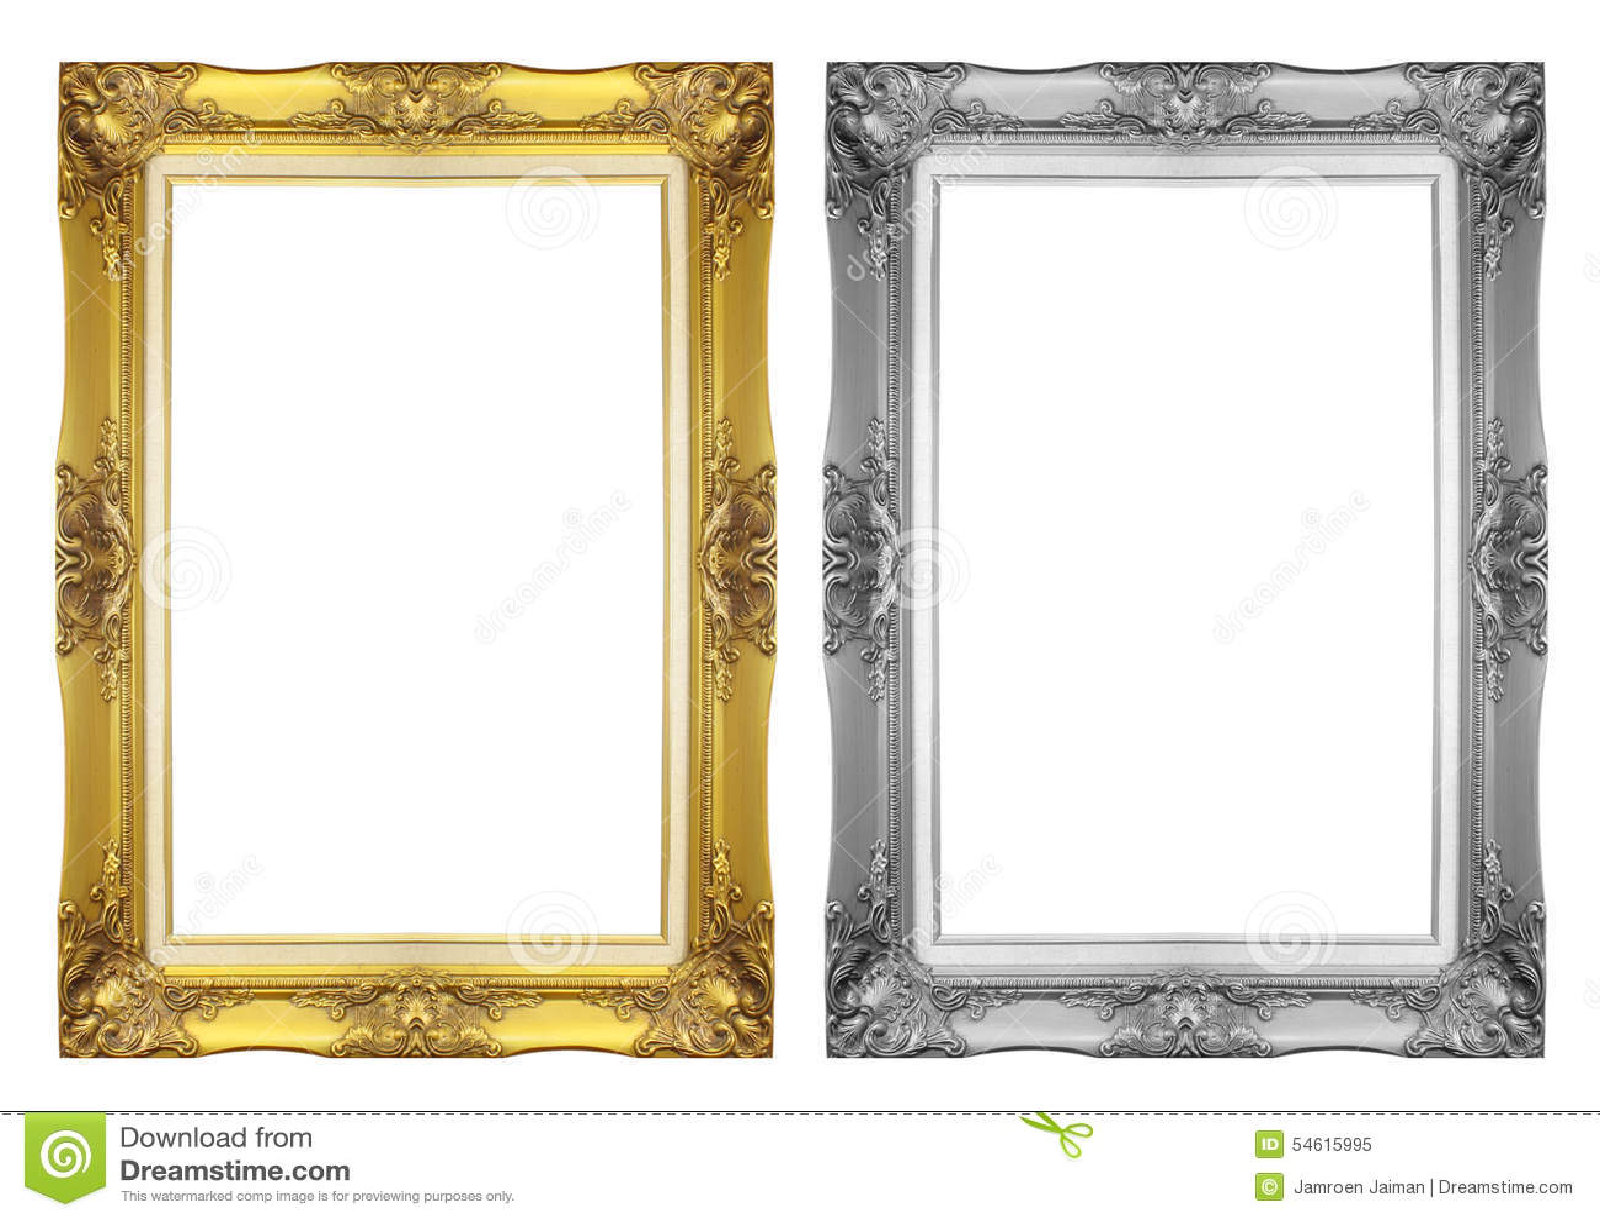 Niedlich Goldbilderrahmen Farbe Ideen - Benutzerdefinierte ...